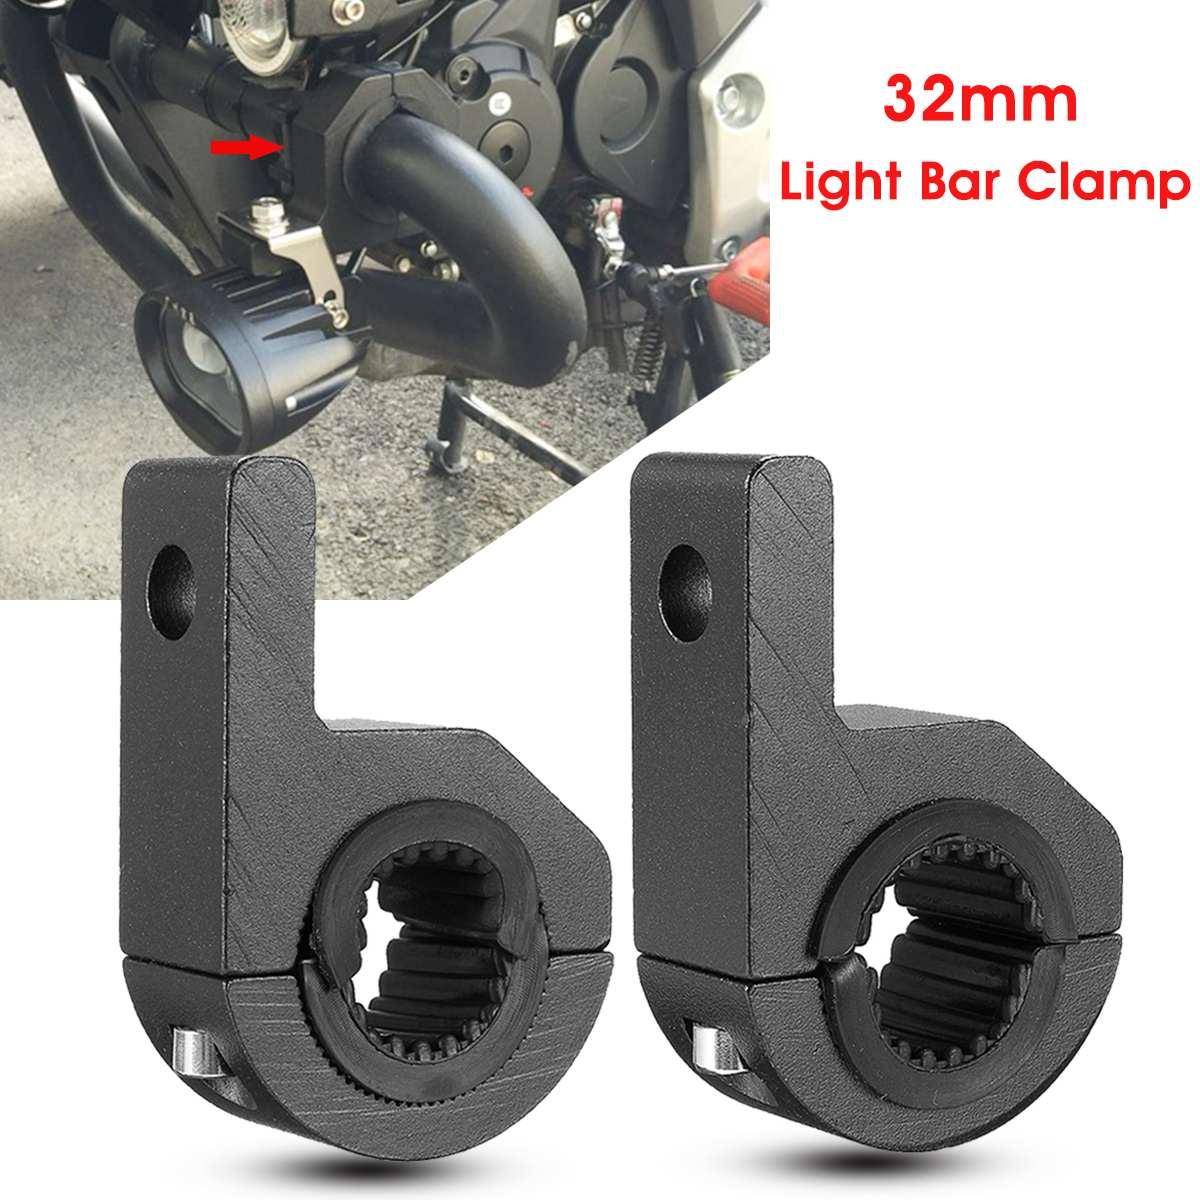 Pair LED Light Bar Mount Brackets 25-32mm Fog Lamp Driving Light Spotlight Holder Clamps Universal For Car Motorcycle ATV